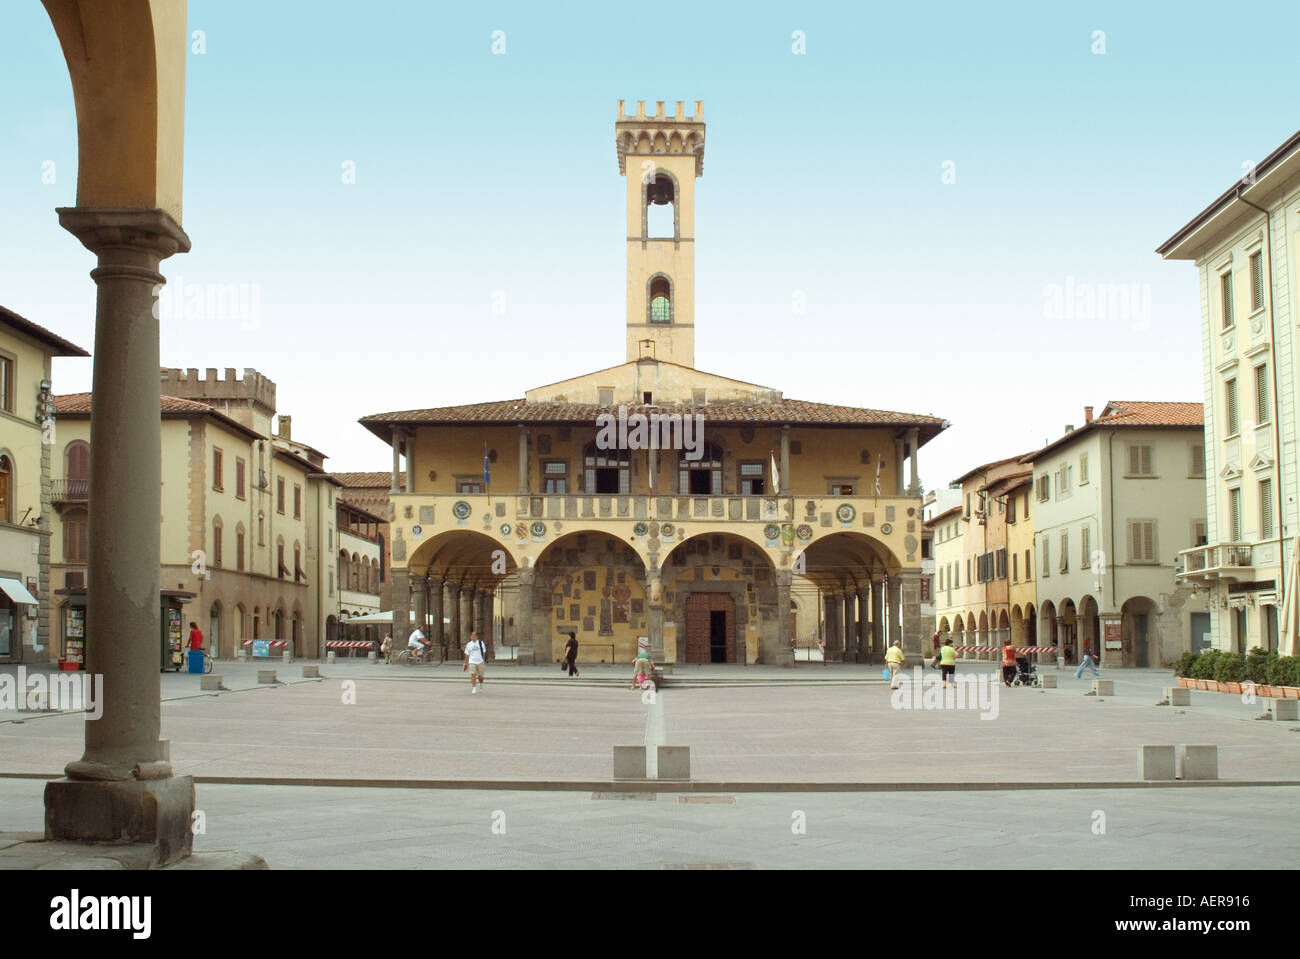 Toscana Italia Piazza Masaccio a San Giovanni Valdarno con la Basilica di Santa Maria delle Grazie in background Toscana Foto Stock